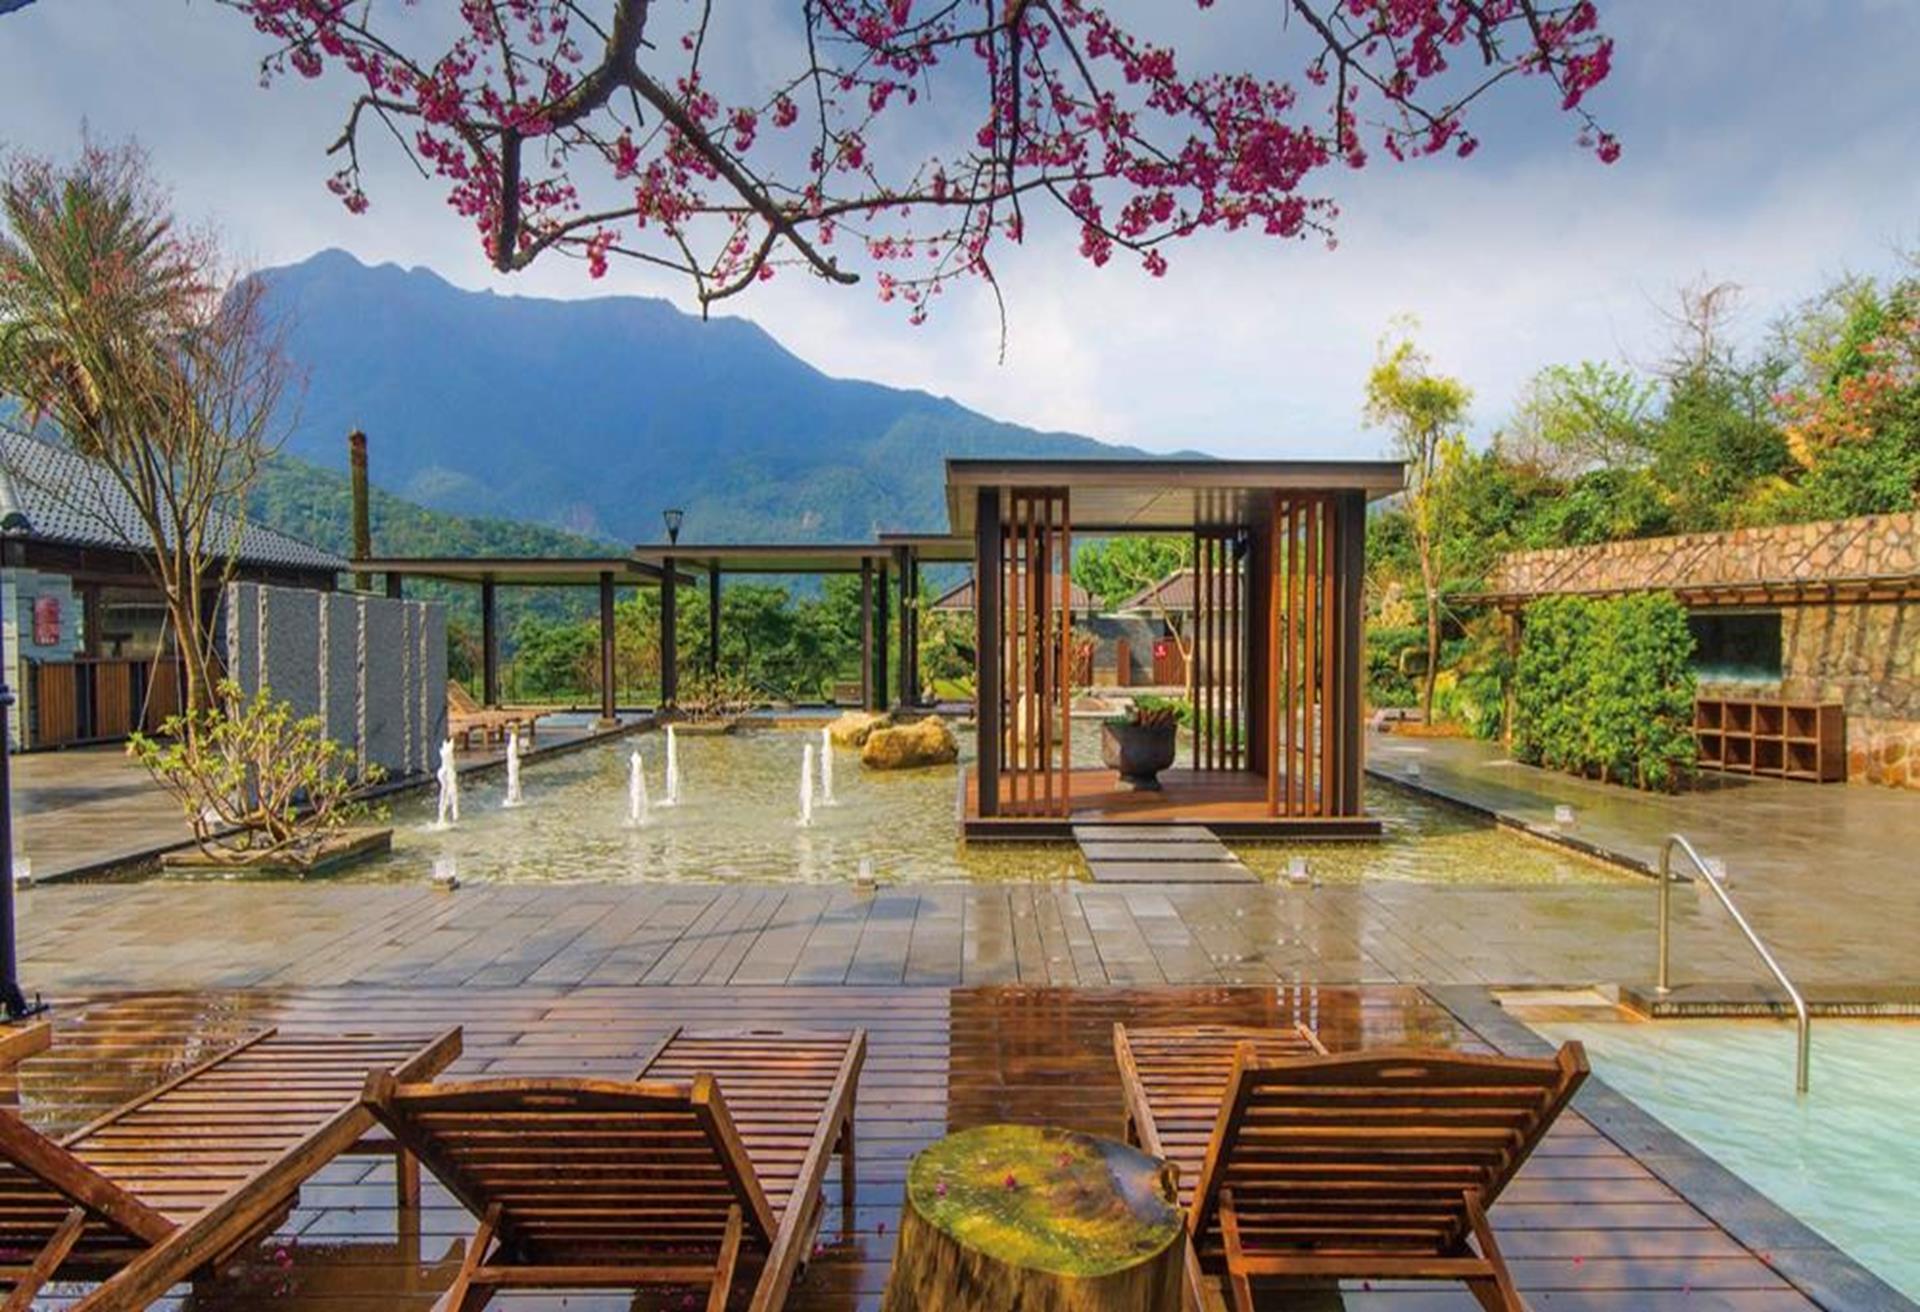 台北親子飯店推薦 - 陽明山天籟渡假酒店有大人小孩能一玩泡湯休憩的露天風呂